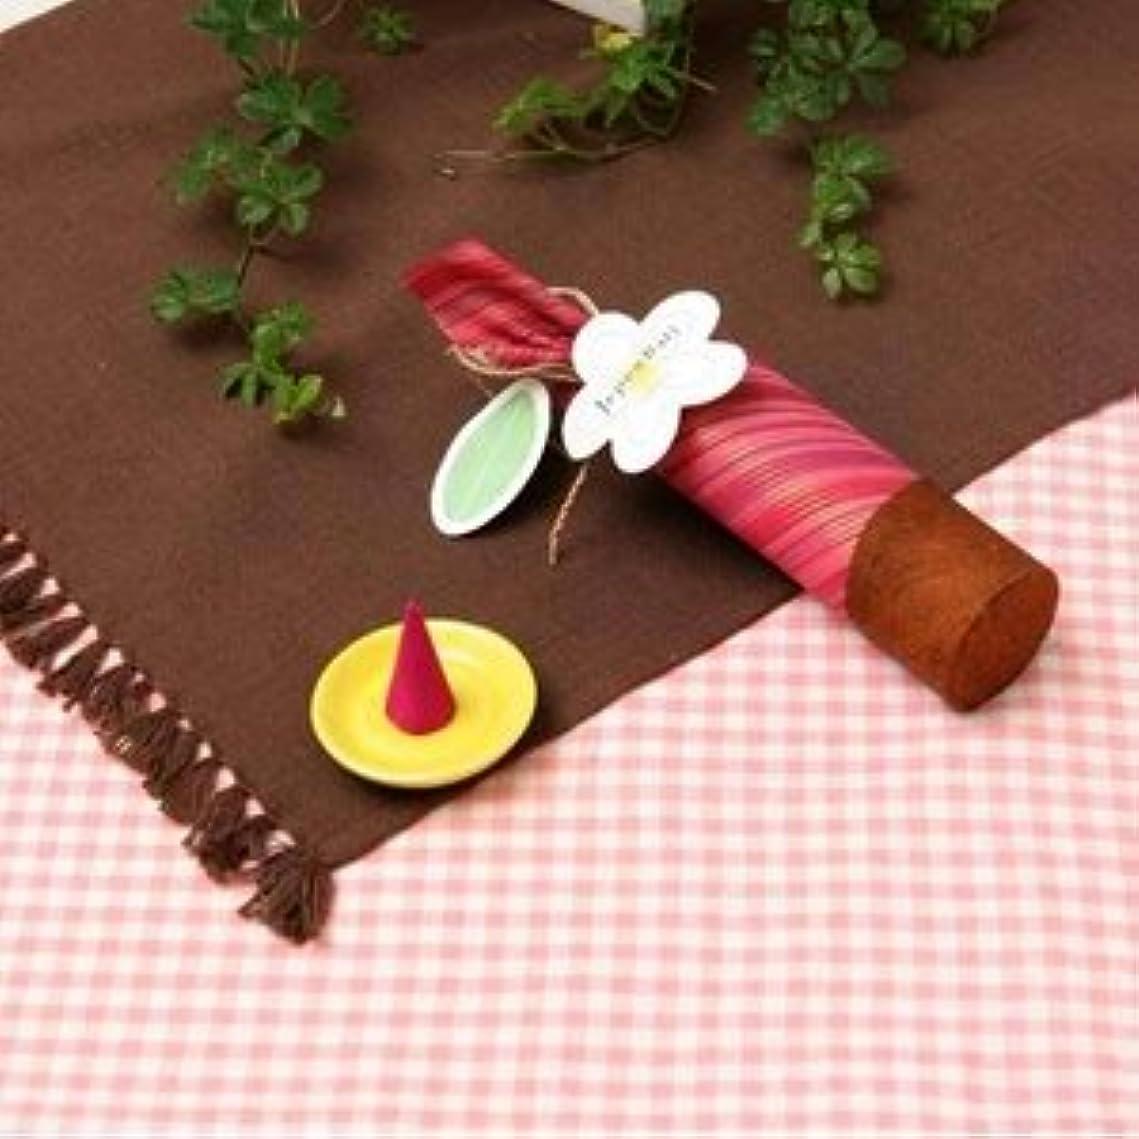 有利パーツ布お香/インセンス 【桜の香り コーンタイプ10個入り】 バリ島製 「Jupen Bari ジュプンバリ」